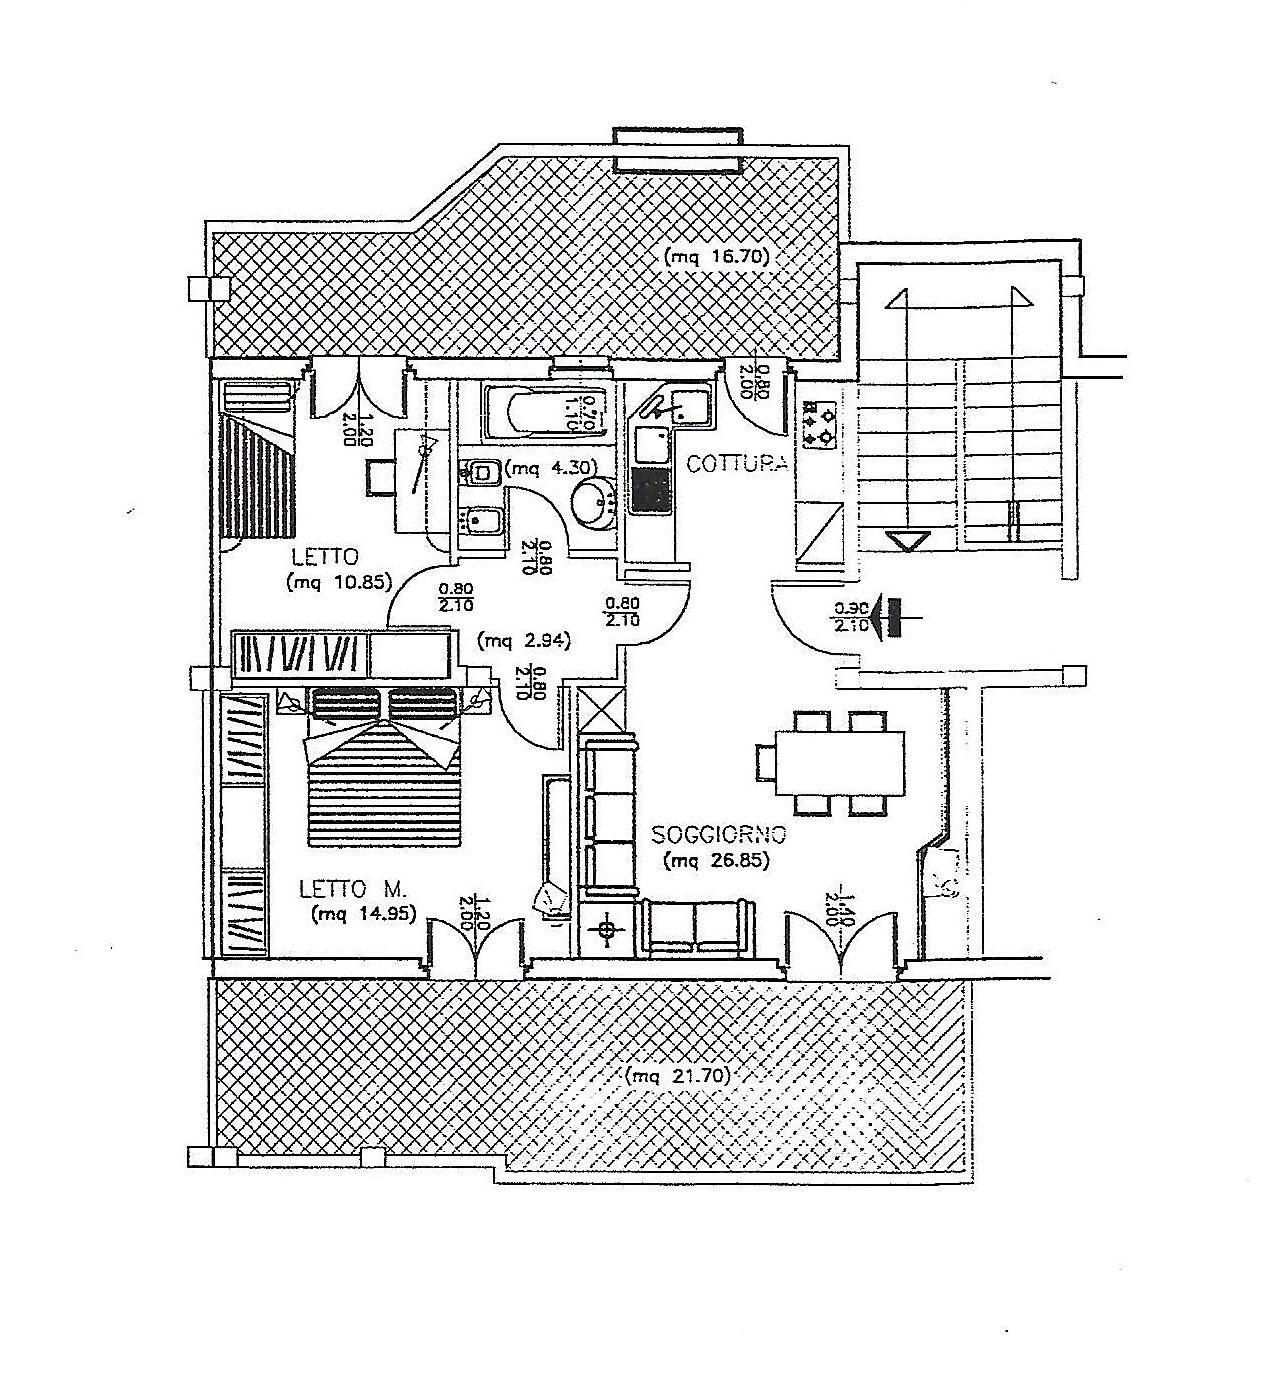 Appartamento in vendita a Maracalagonis, 3 locali, prezzo € 98.000 | Cambio Casa.it